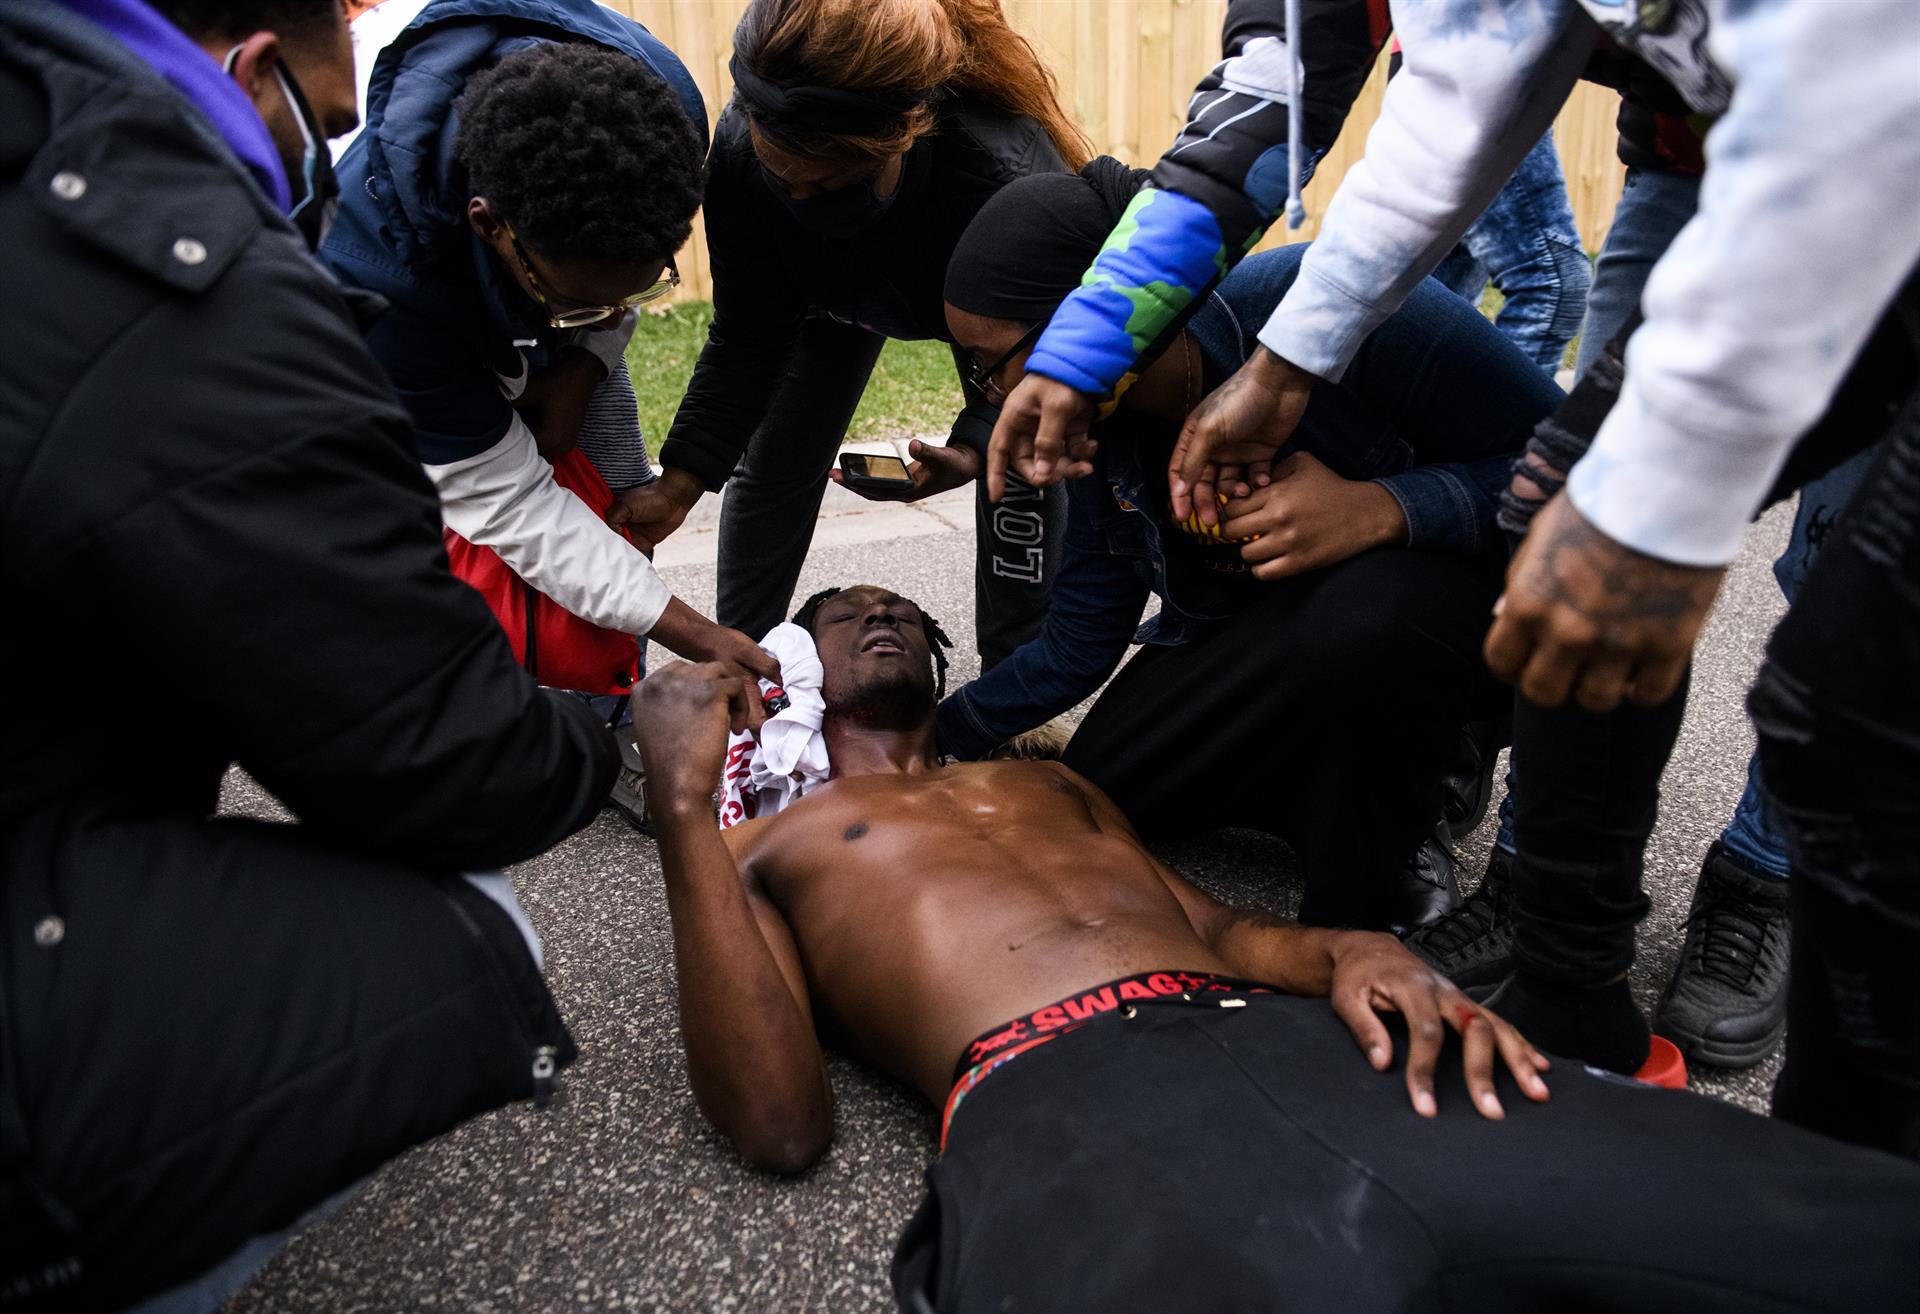 L'afro-americà Daunte Wright, mort a Minnesota després de rebre un tret al coll d'un agent de la Policia - STEPHEN MATUREN / Europa Press